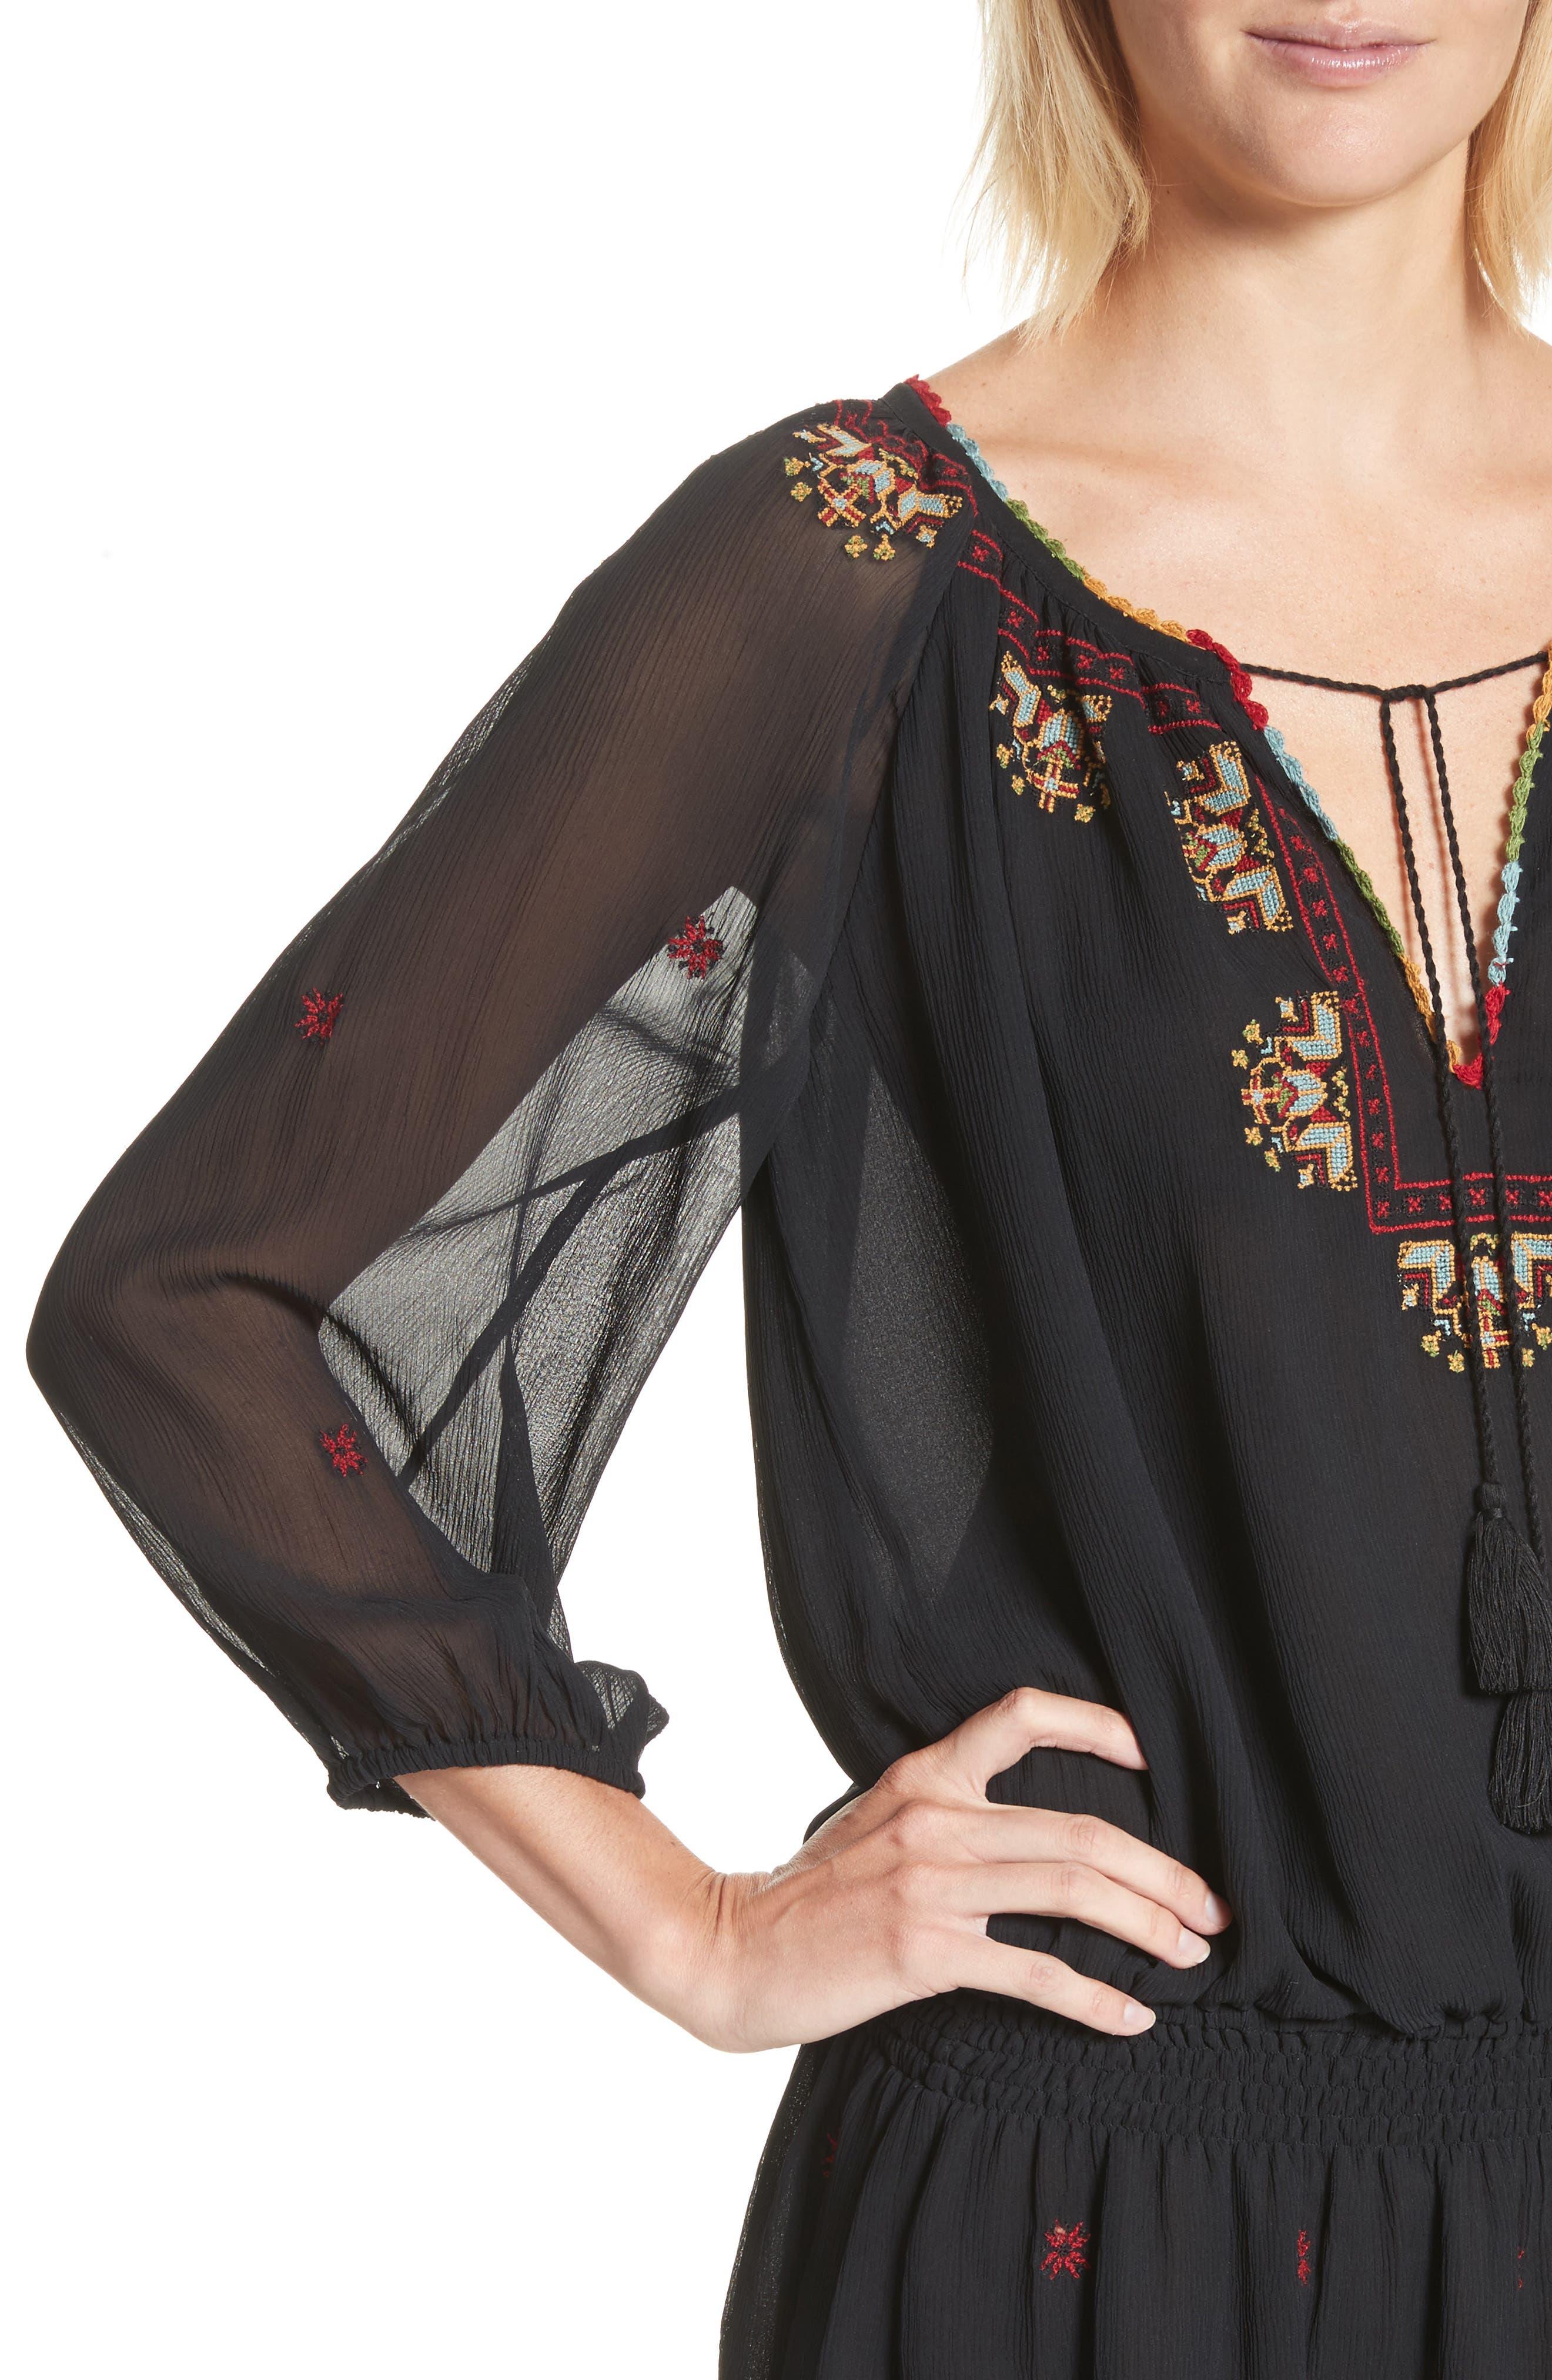 Geromine Blouson Silk Dress,                             Alternate thumbnail 4, color,                             003